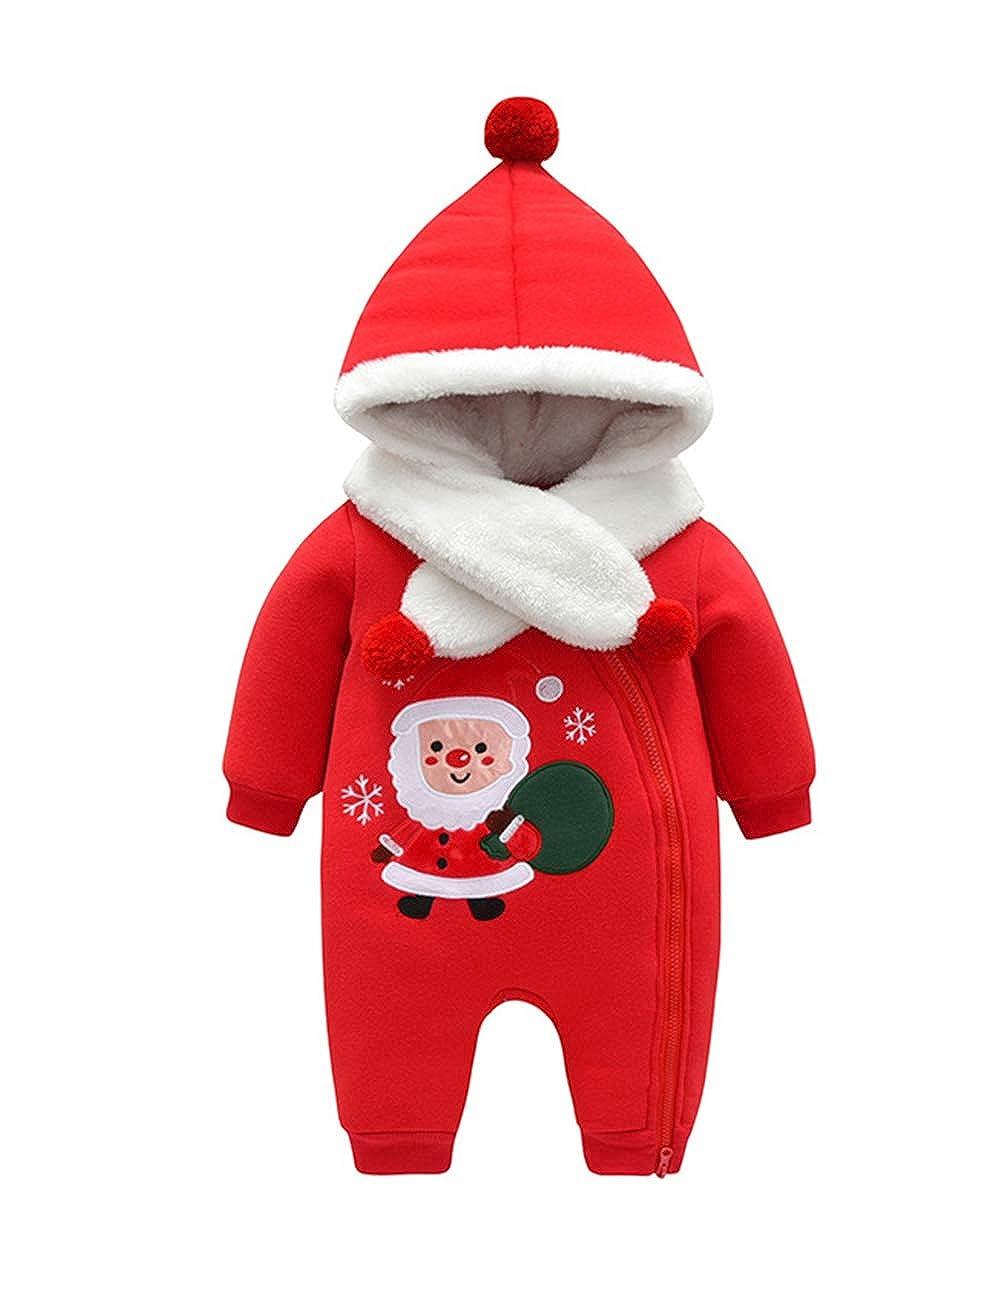 BESBOMIG Weihnachten Outfits Spielanzug Mantel + Strampler Winter Overall - Neugeborenes Sä ugling Baby Reiß verschluss Mit Kapuze Warm Kleider